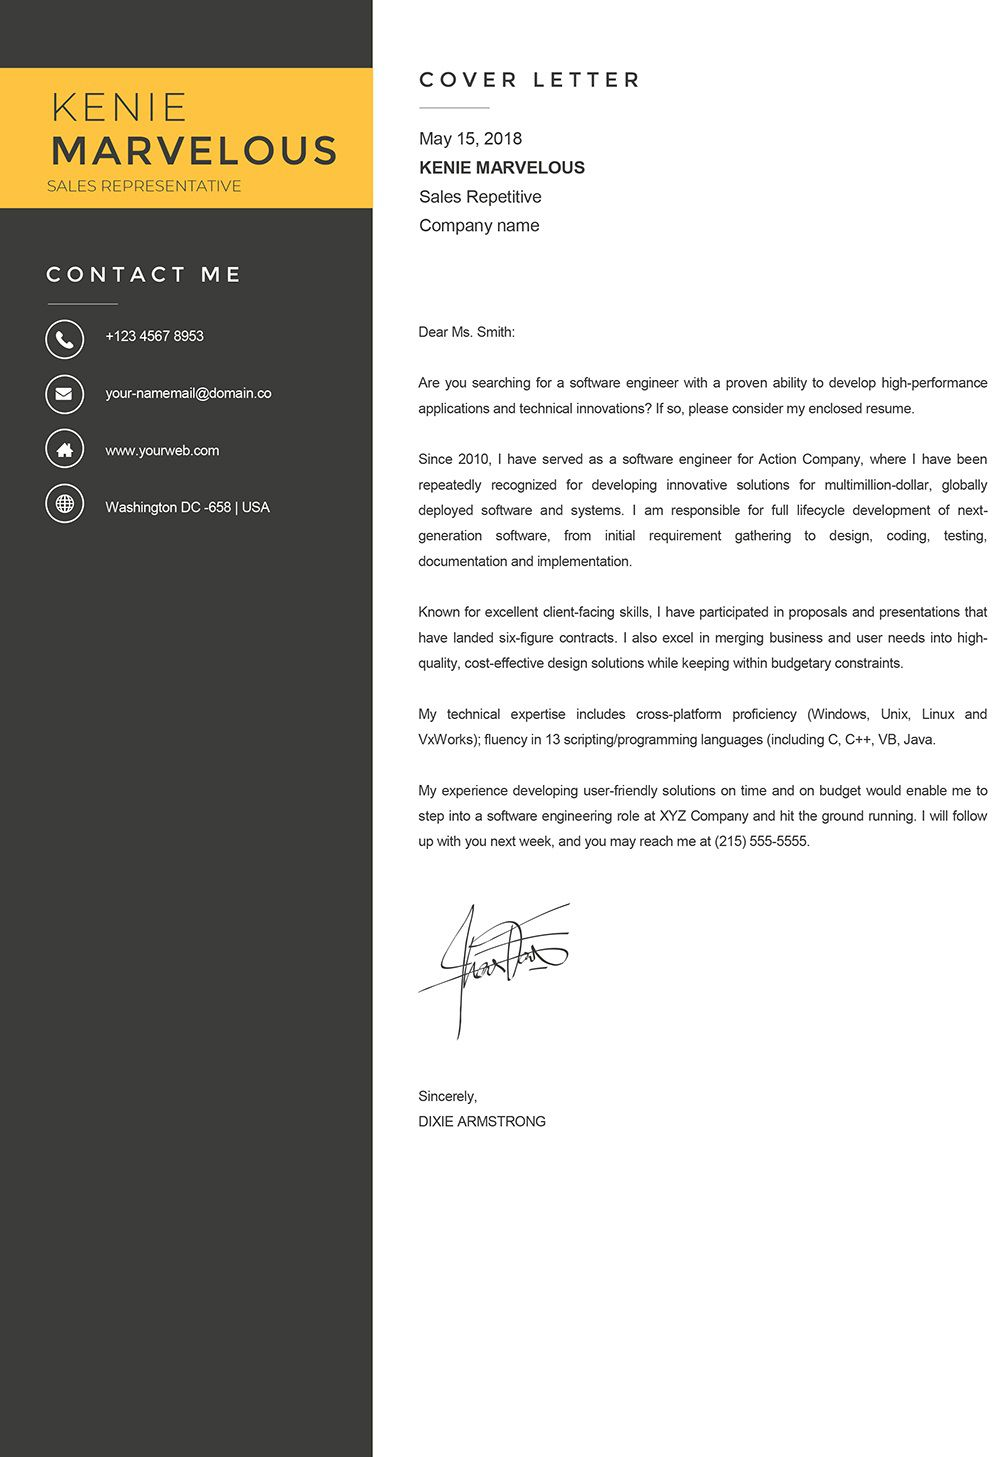 008 Best Cover Letter Sample Template Word Idea  Resume MicrosoftFull